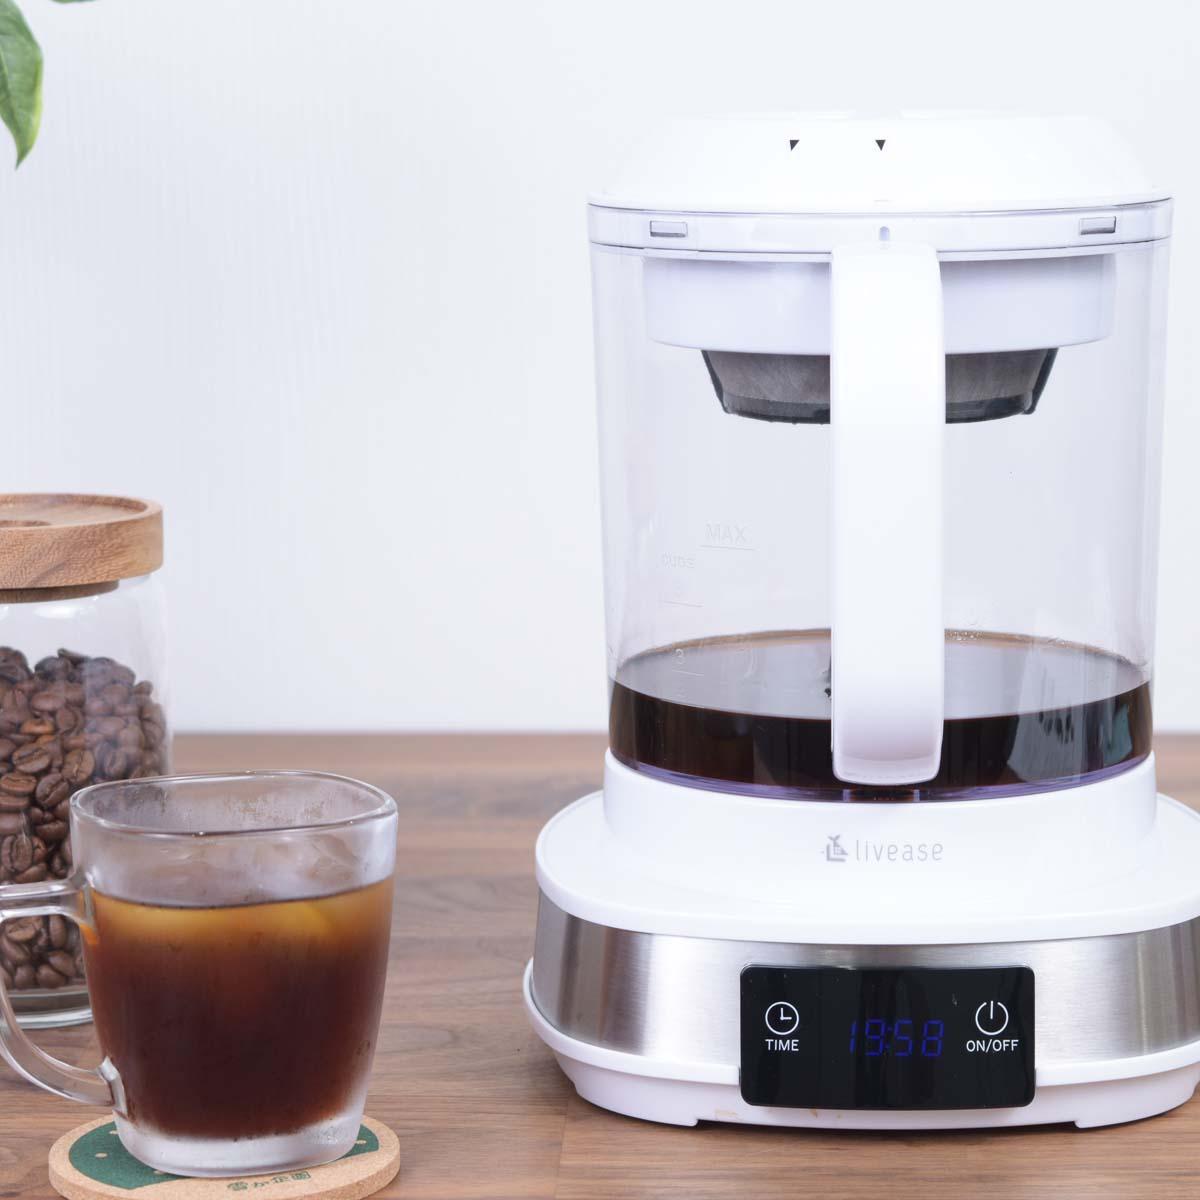 わずか20分!「電動水出しコーヒーメーカー」で淹れた水出しコーヒーが予想以上に本格派